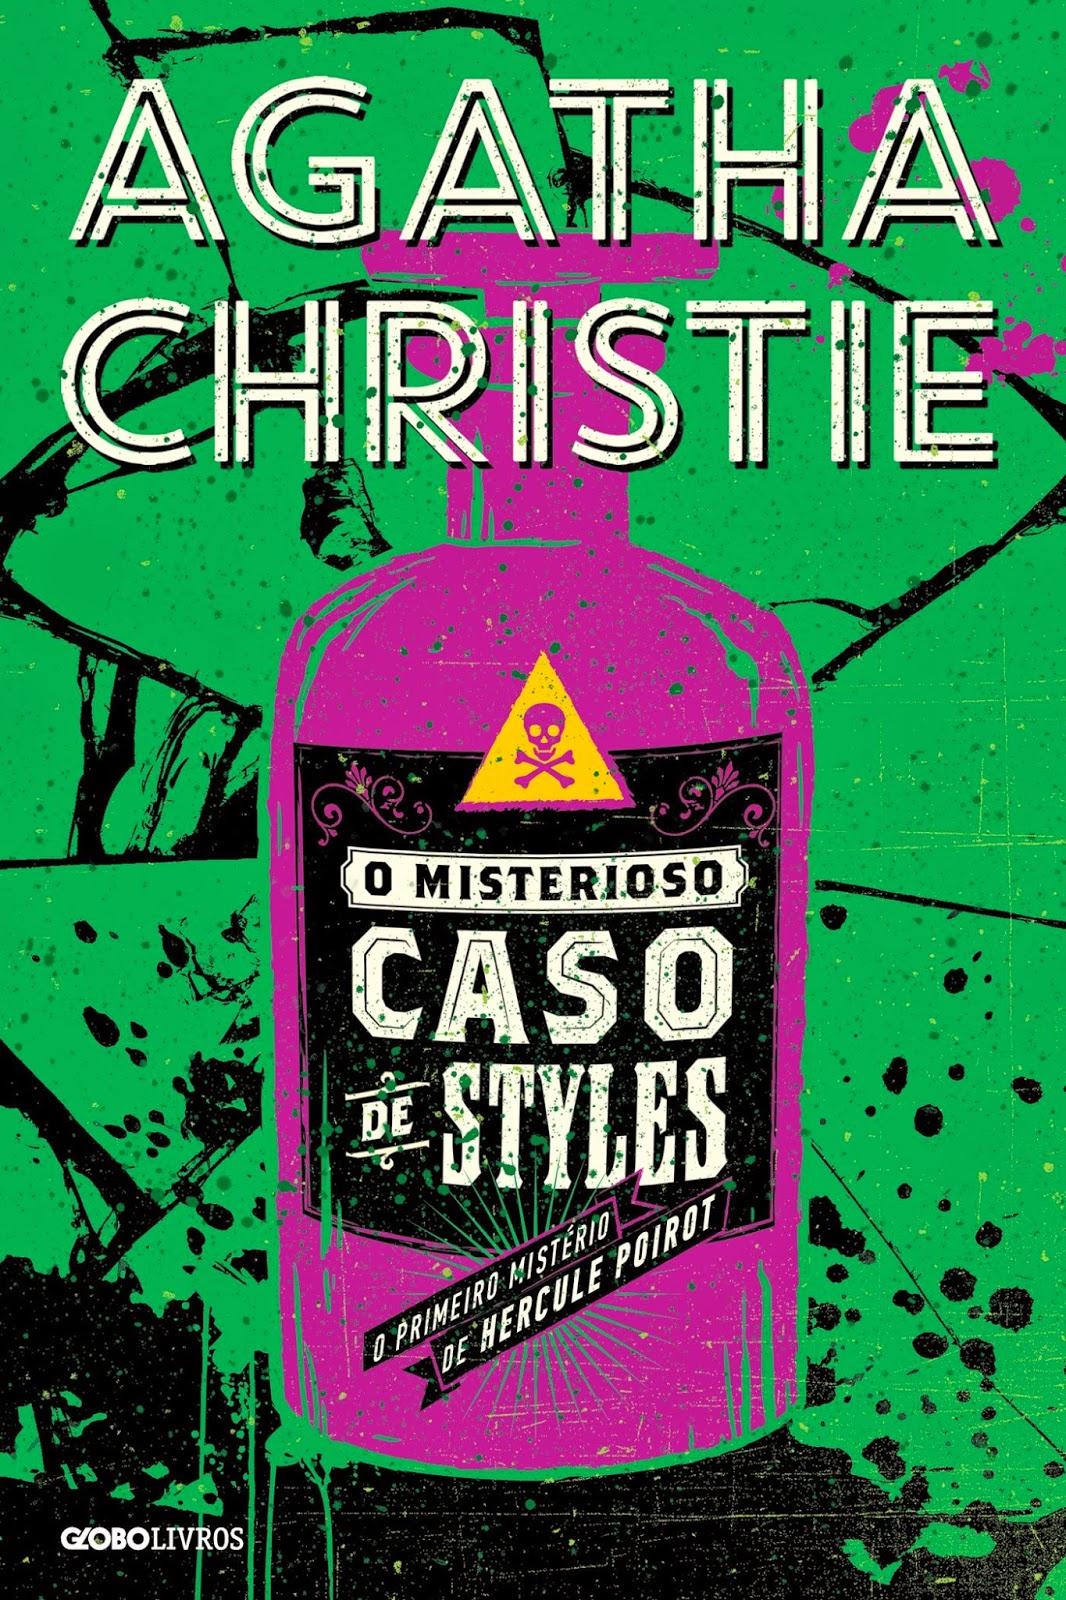 Novas edições dos livros da Agatha Christie pela editora Globo Livros